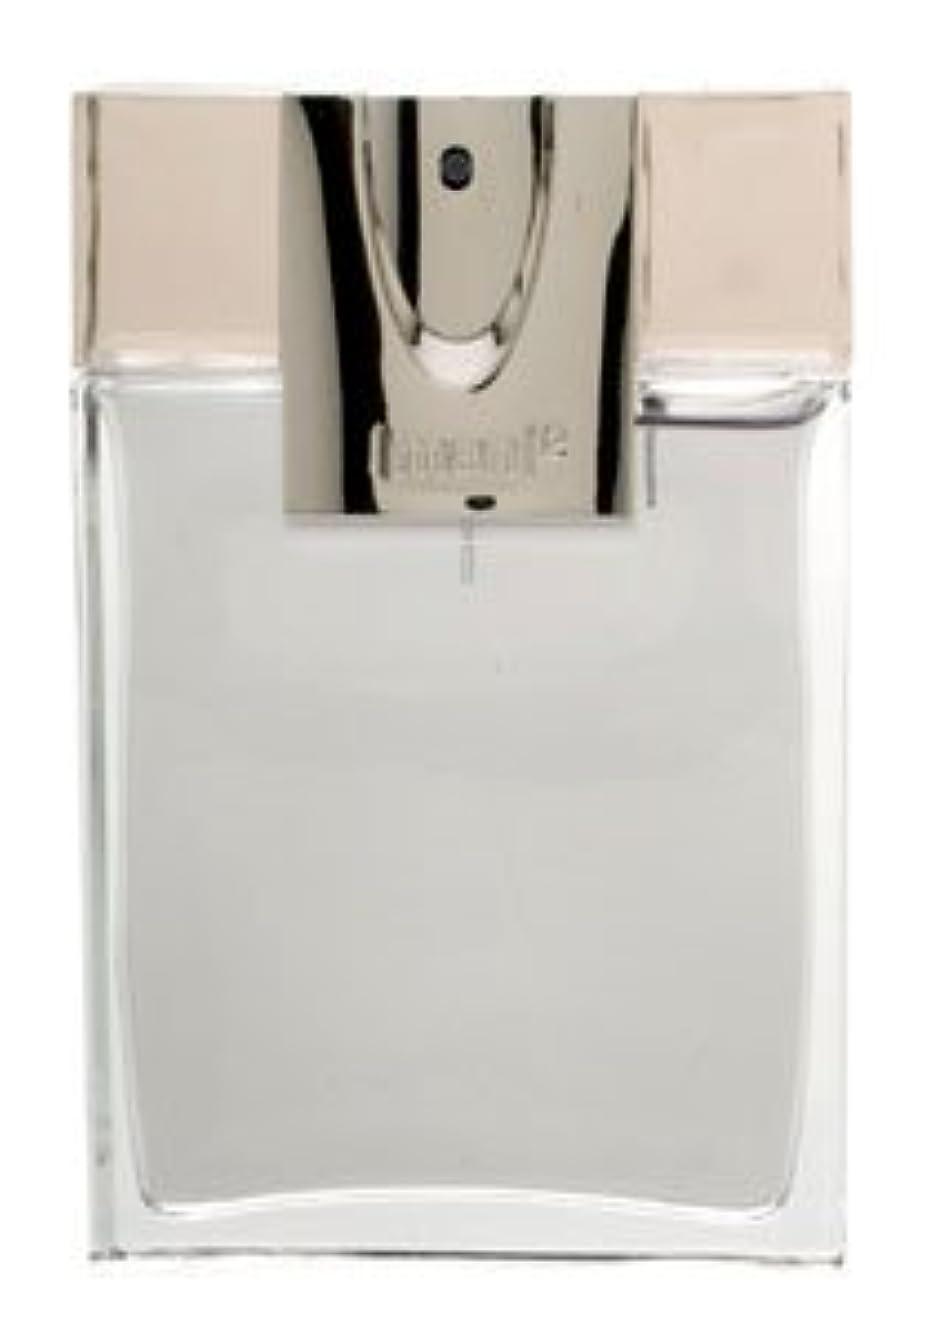 説得力のあるクラウド視線Aigner Man 2 (アイグナー マン2) 3.4 oz (100ml) EDT Spray by Etienne Aigner for Men